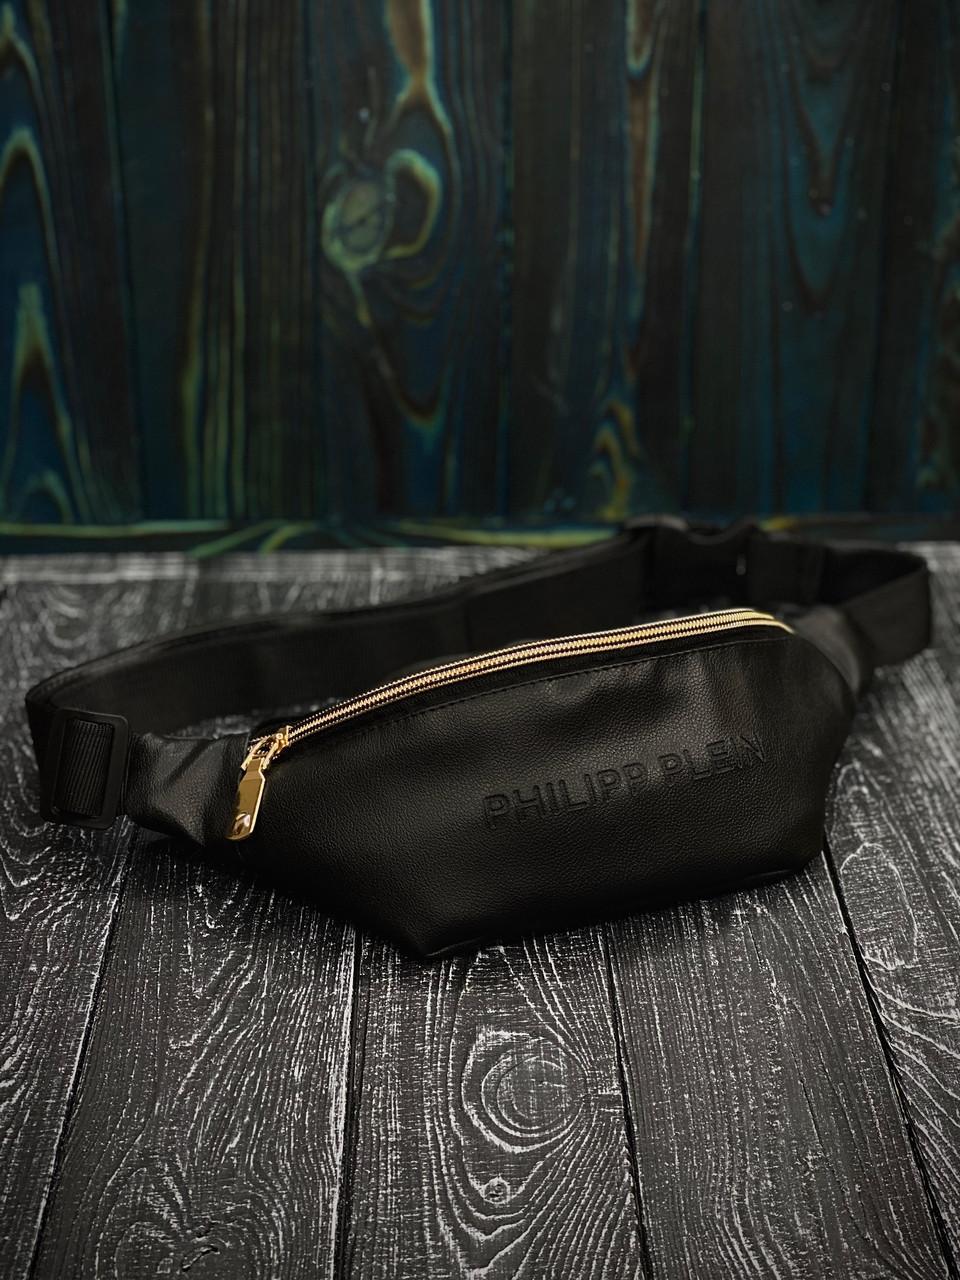 Модная бананка с экокожи Philipp Plein, поясная сумка Филипп Плейн